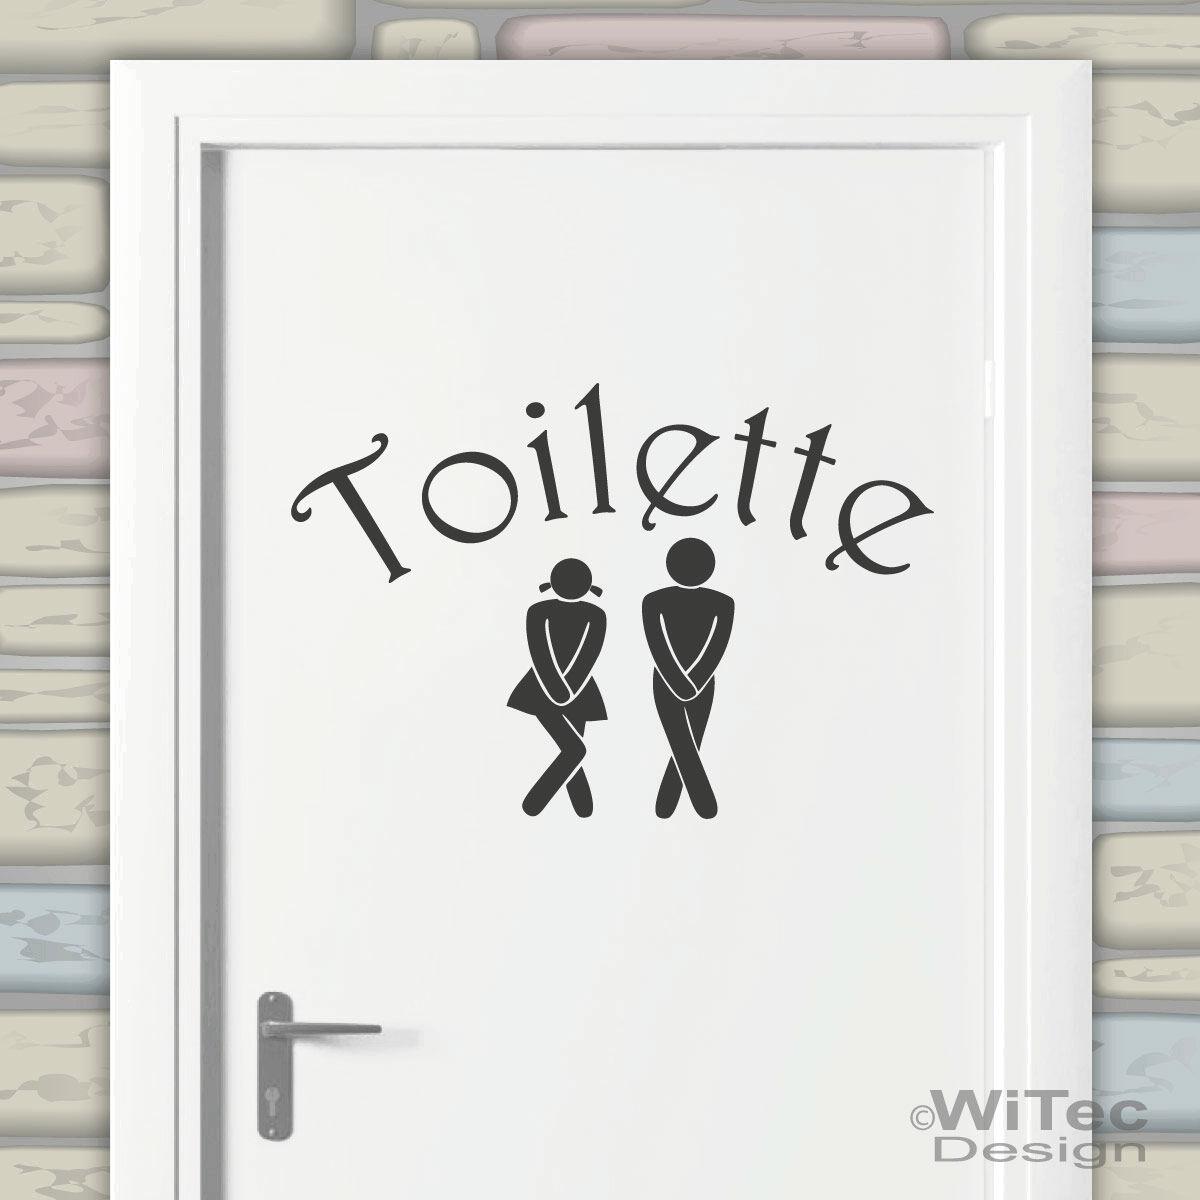 Toilette Tür Aufkleber WC Badezimmer